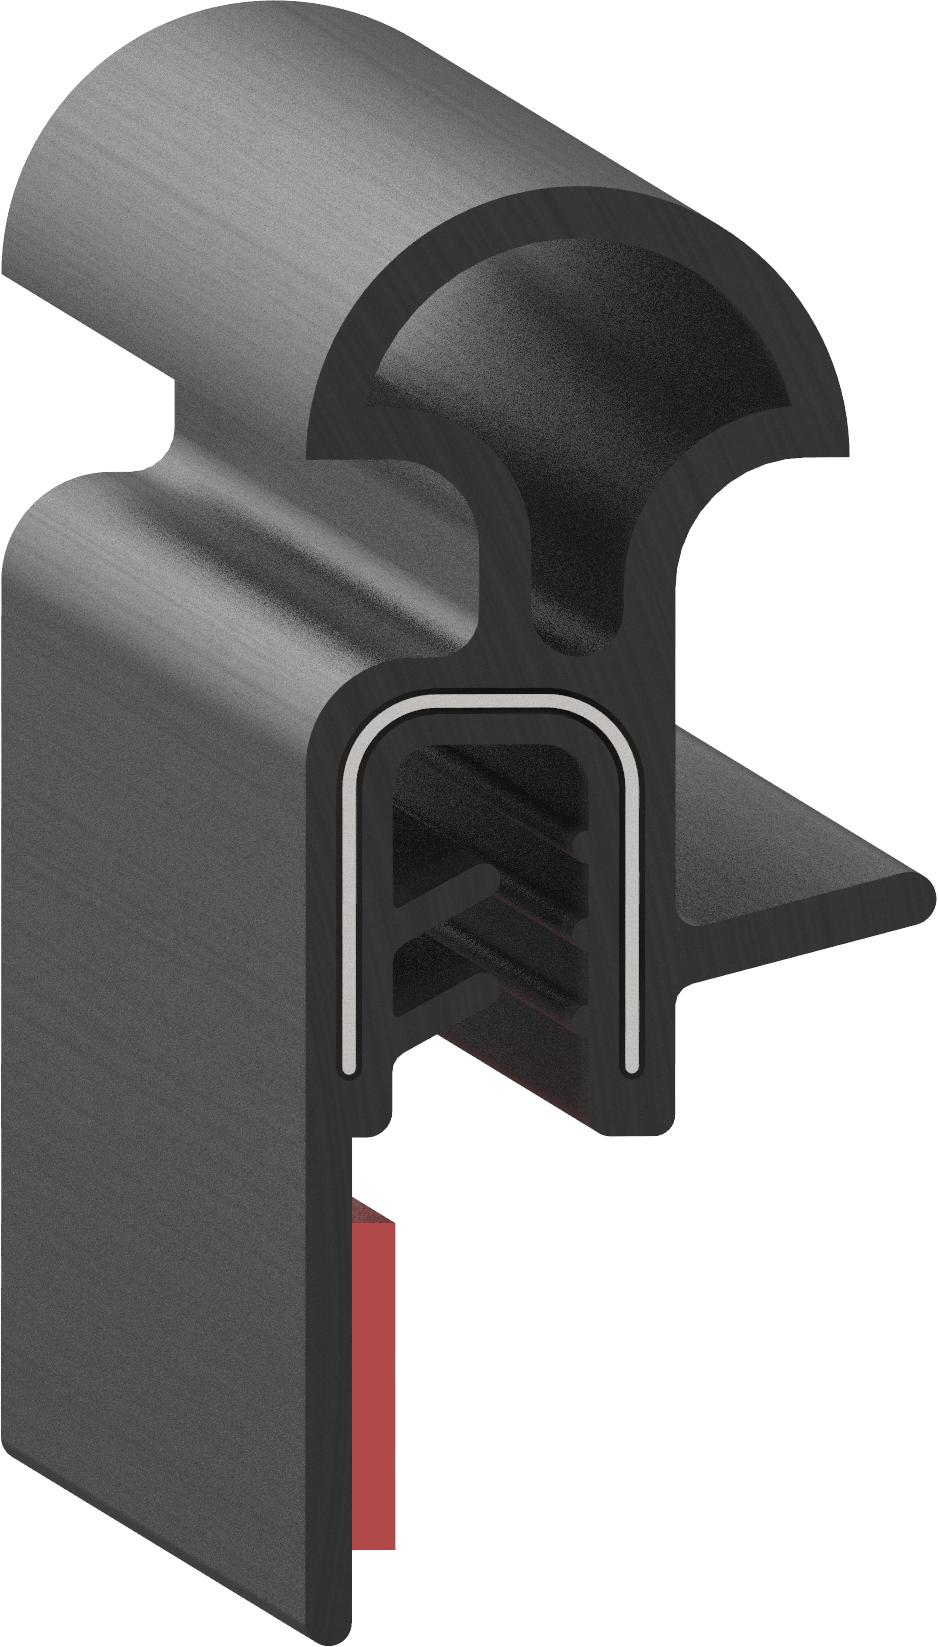 Uni-Grip part: ED-5374-T